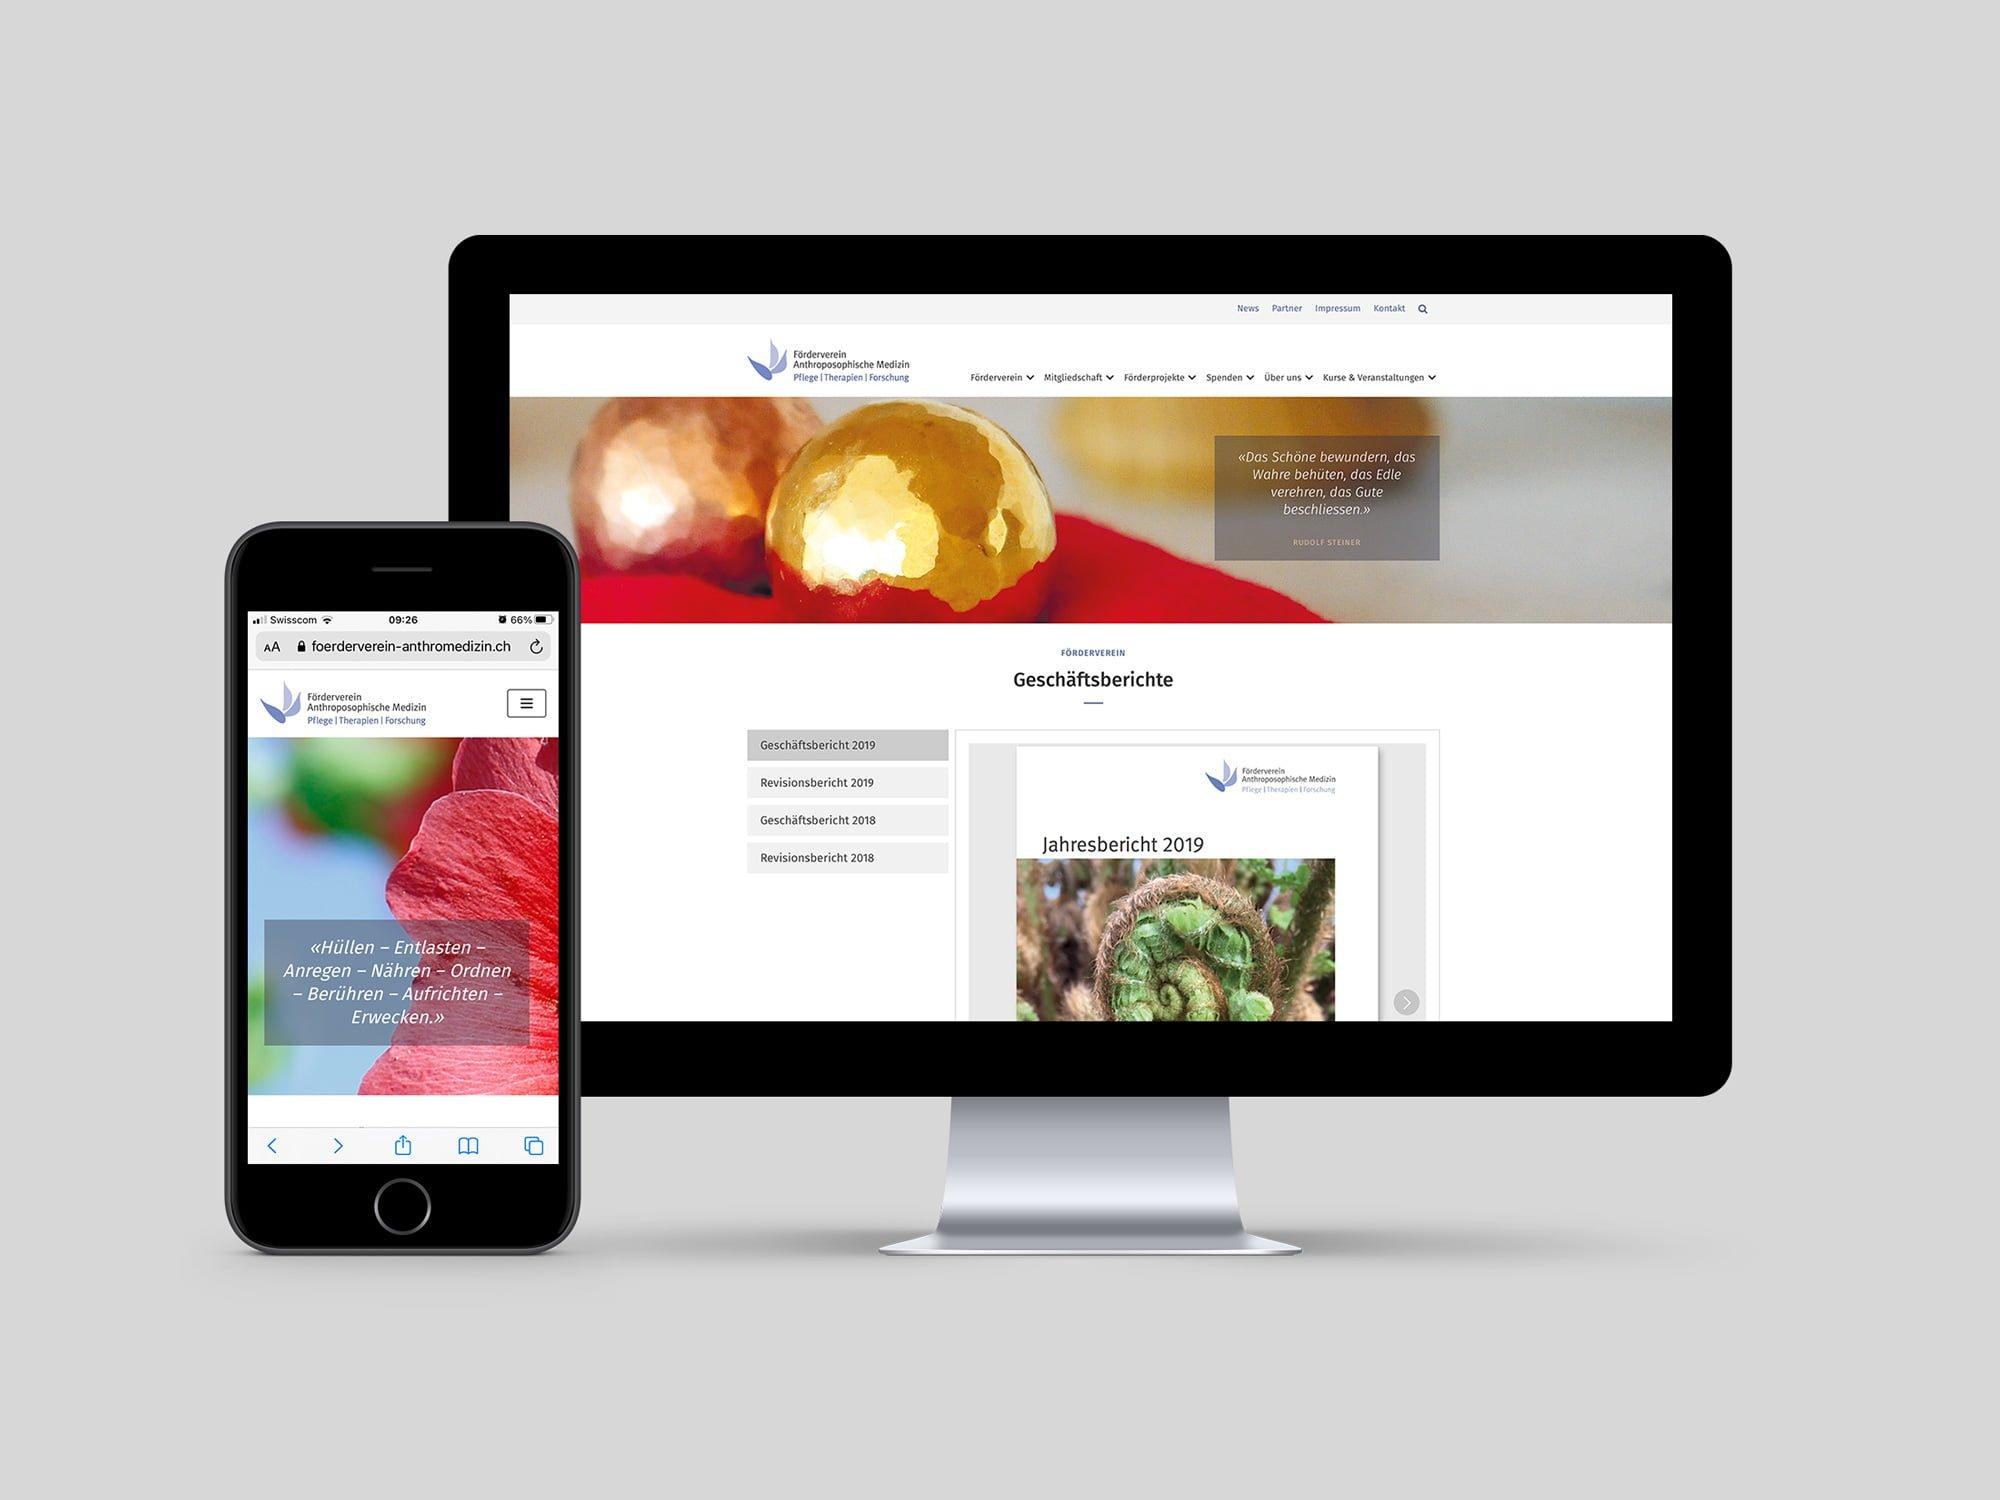 Website erstellen lassen | Grafikatelier Milligan Design | Kunde Förderverein Anthroposophische Medizin